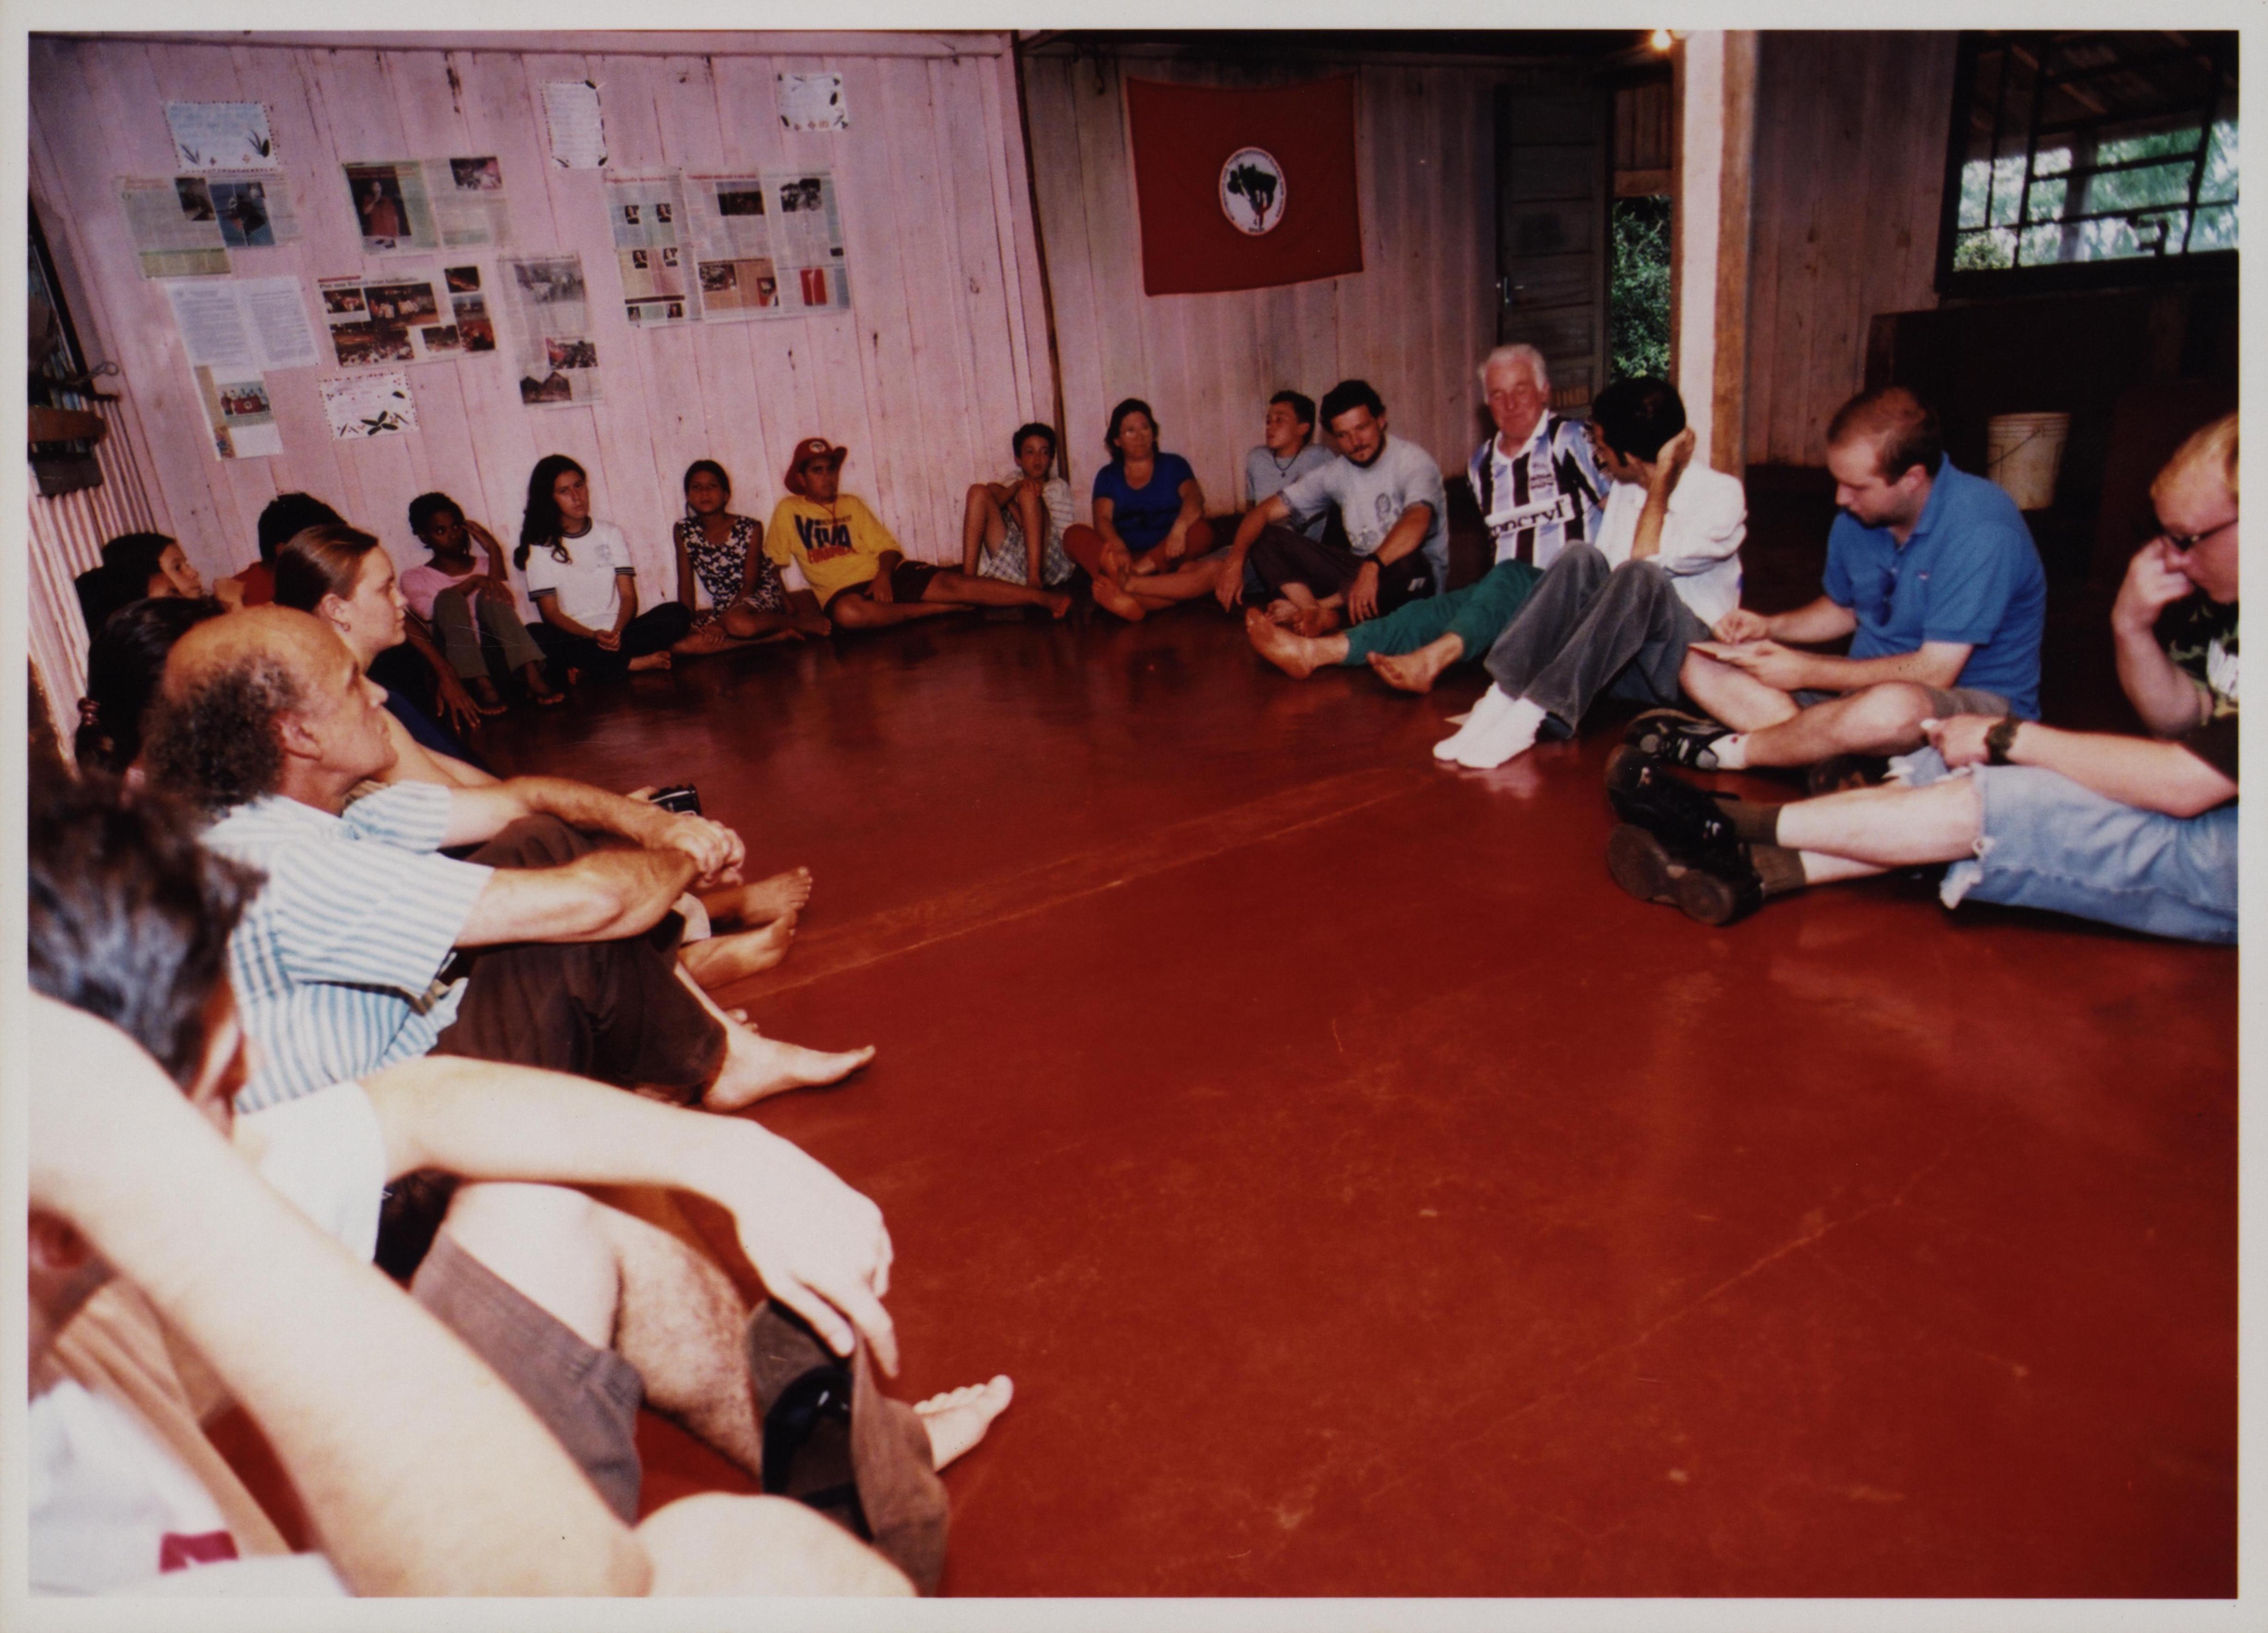 Oficina ministrada por João aos membros do Movimento Sem Terra (MST)